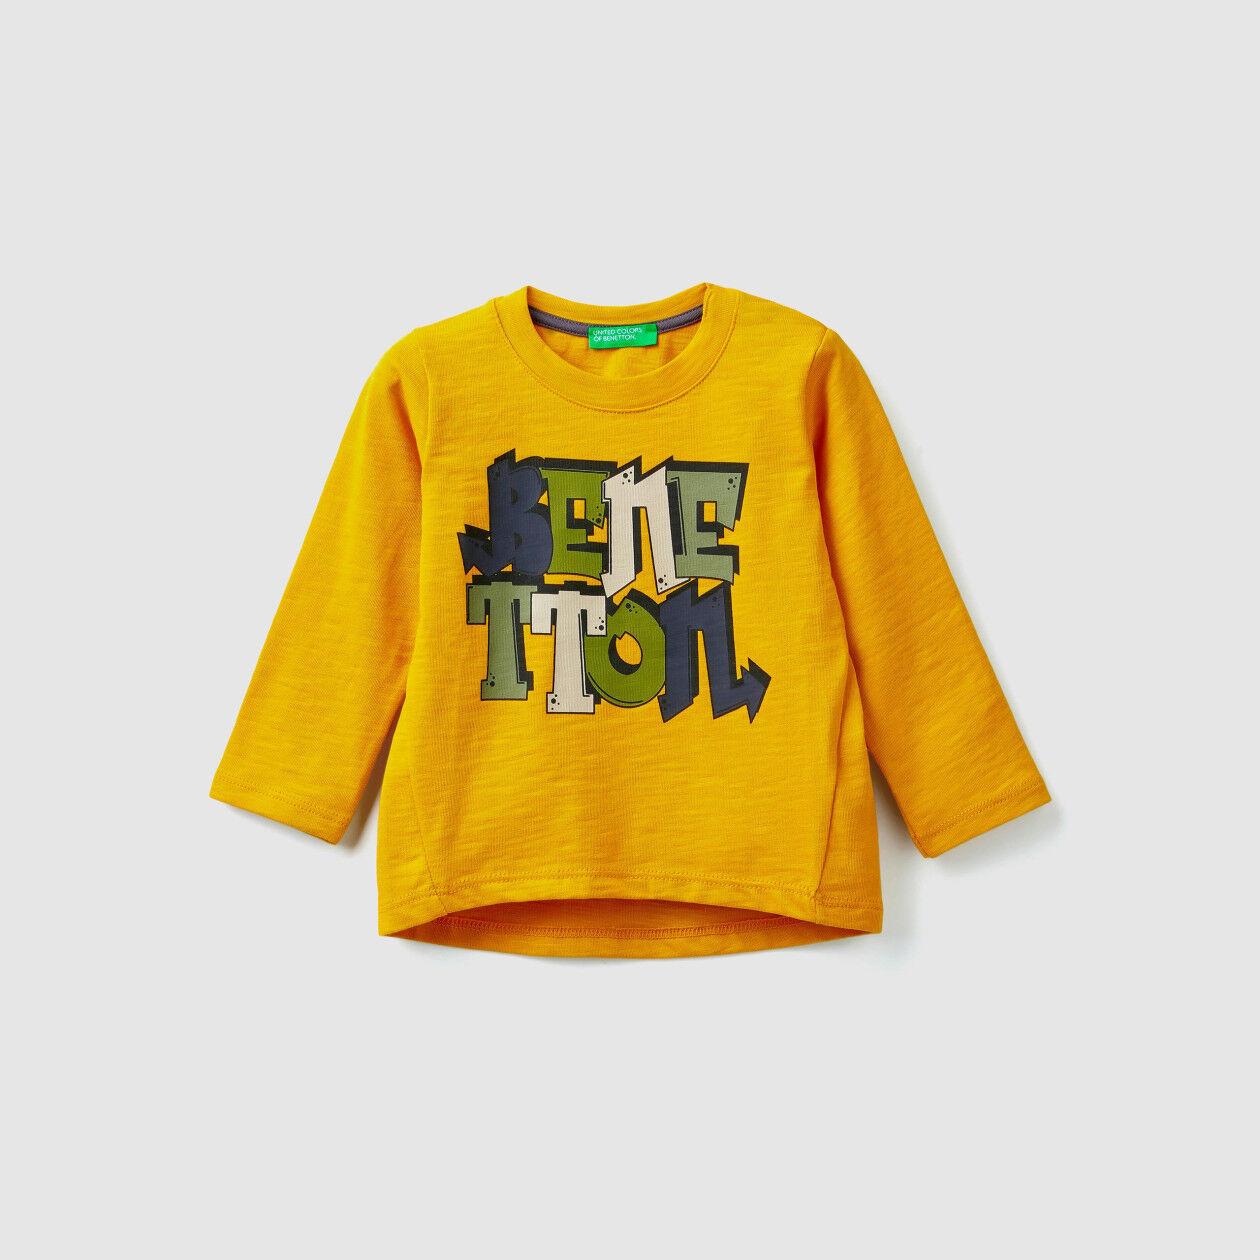 T-shirt από οργανικό βαμβακερό